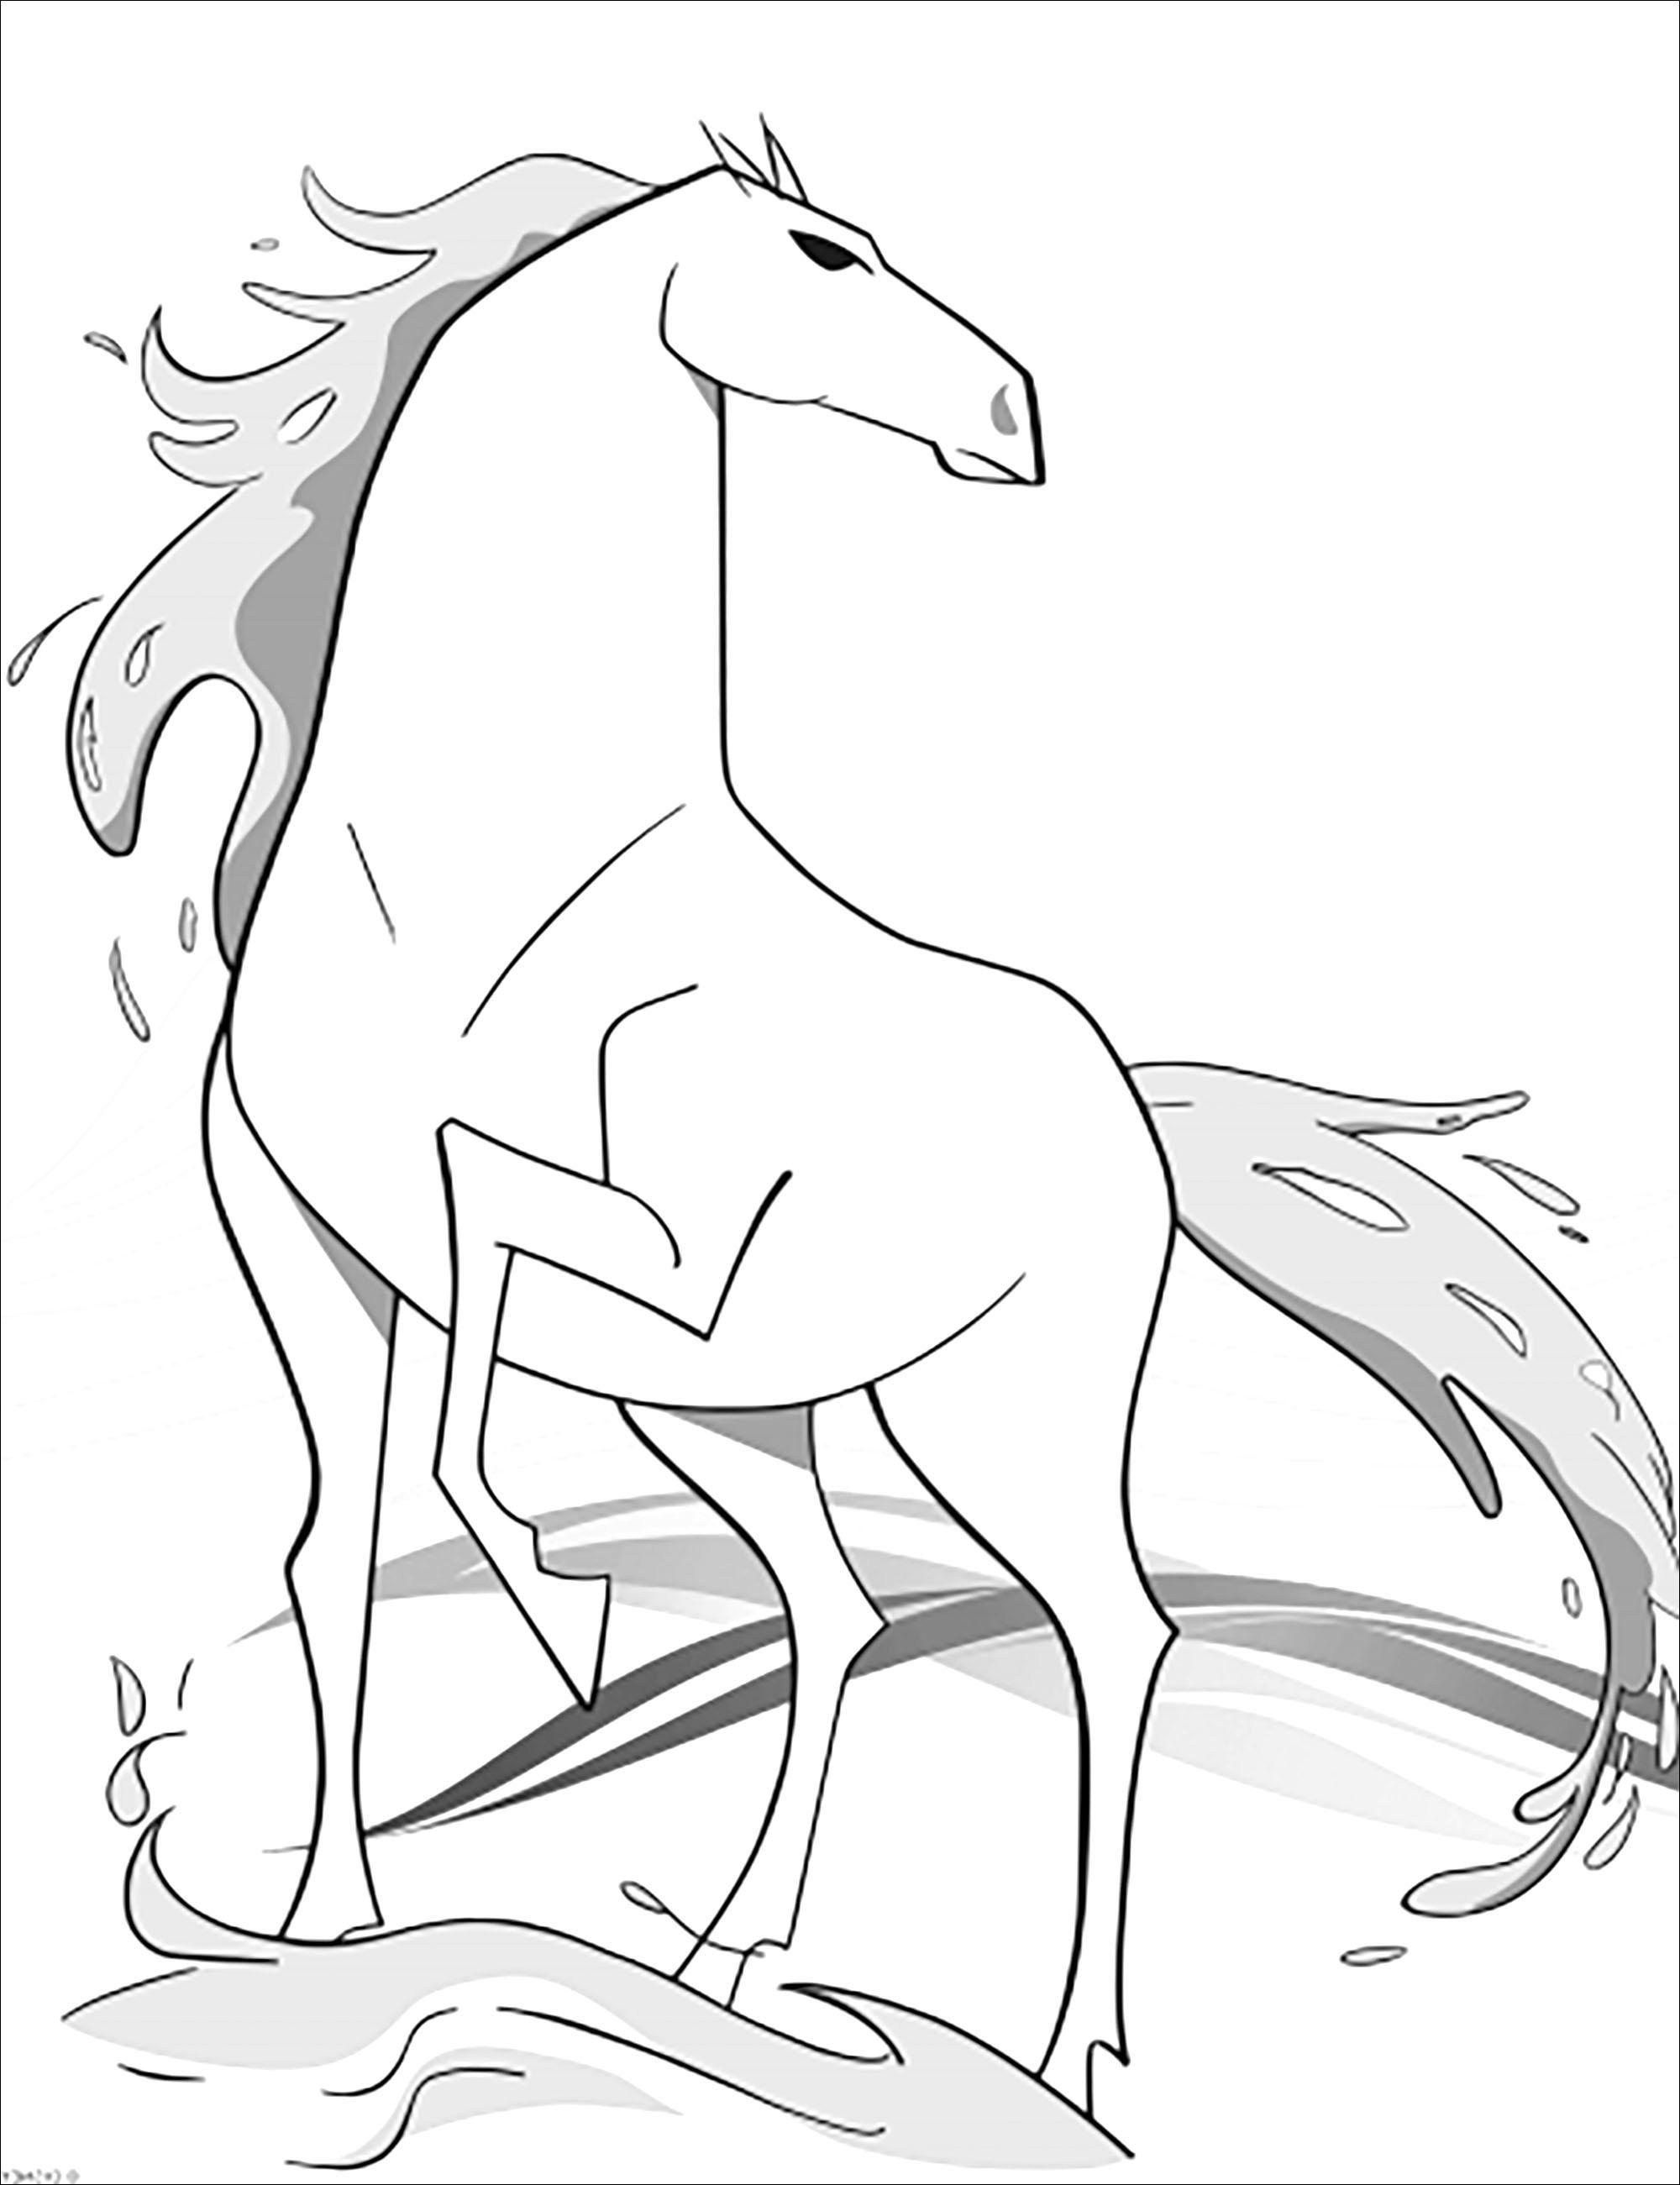 Un nouvel animal présent dans La reine des neiges 2 (Disney) : le cheval Nokk (version sans texte)